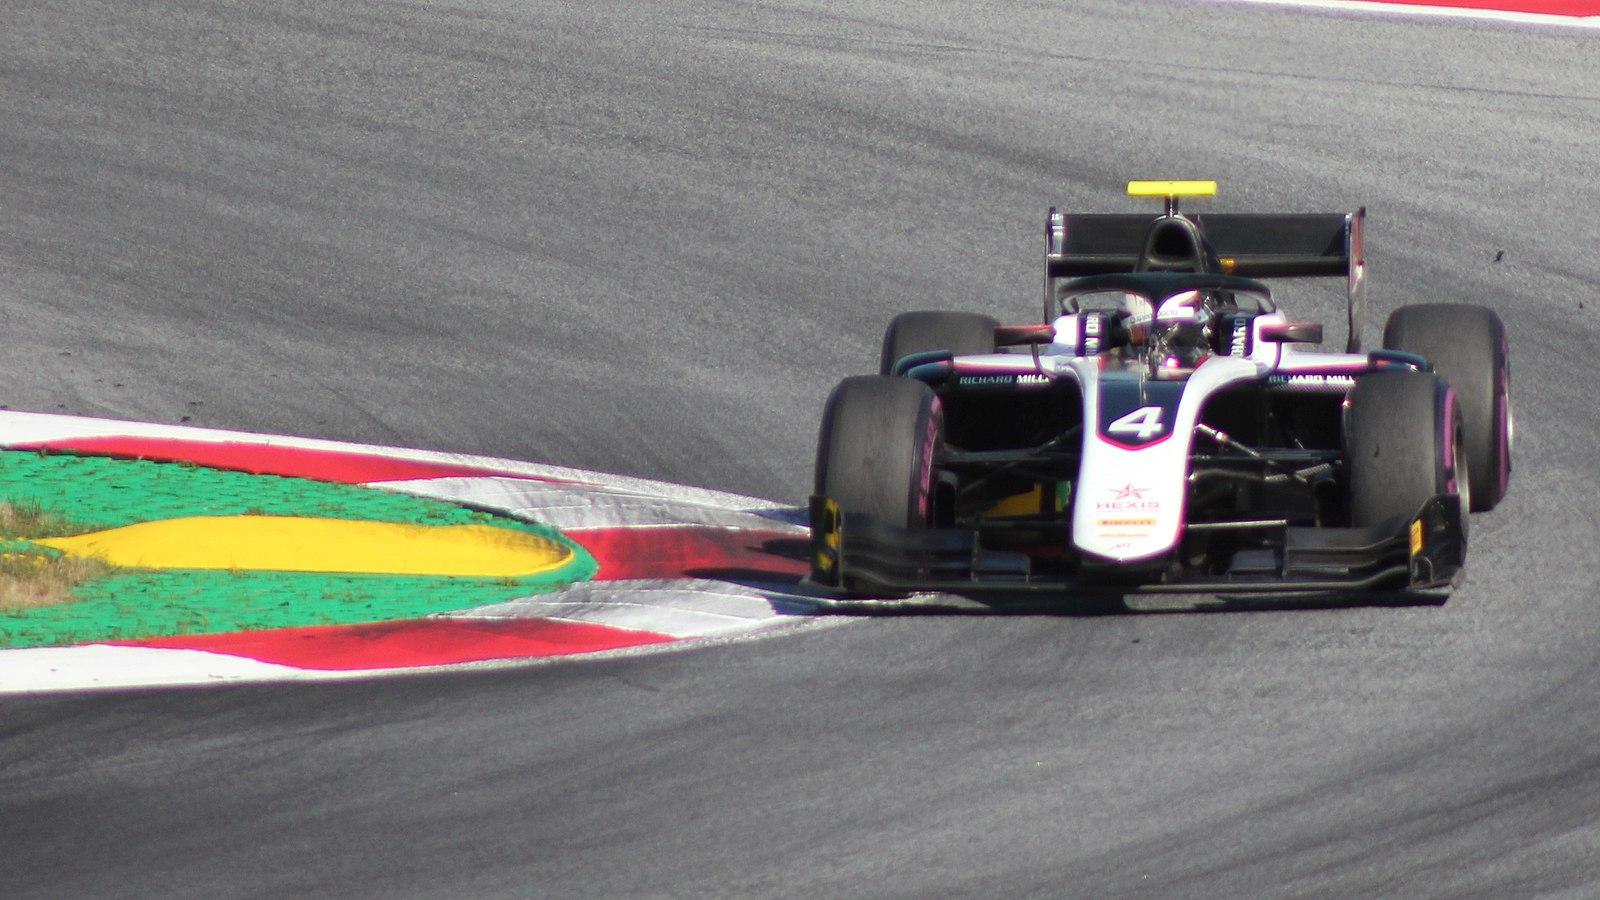 Nyck de Vries werd eindelijk gekroond tot kampioen in de Formule 2. in F2: Chasing The Dream komt de Nederlander uitgebreid aan het woord.